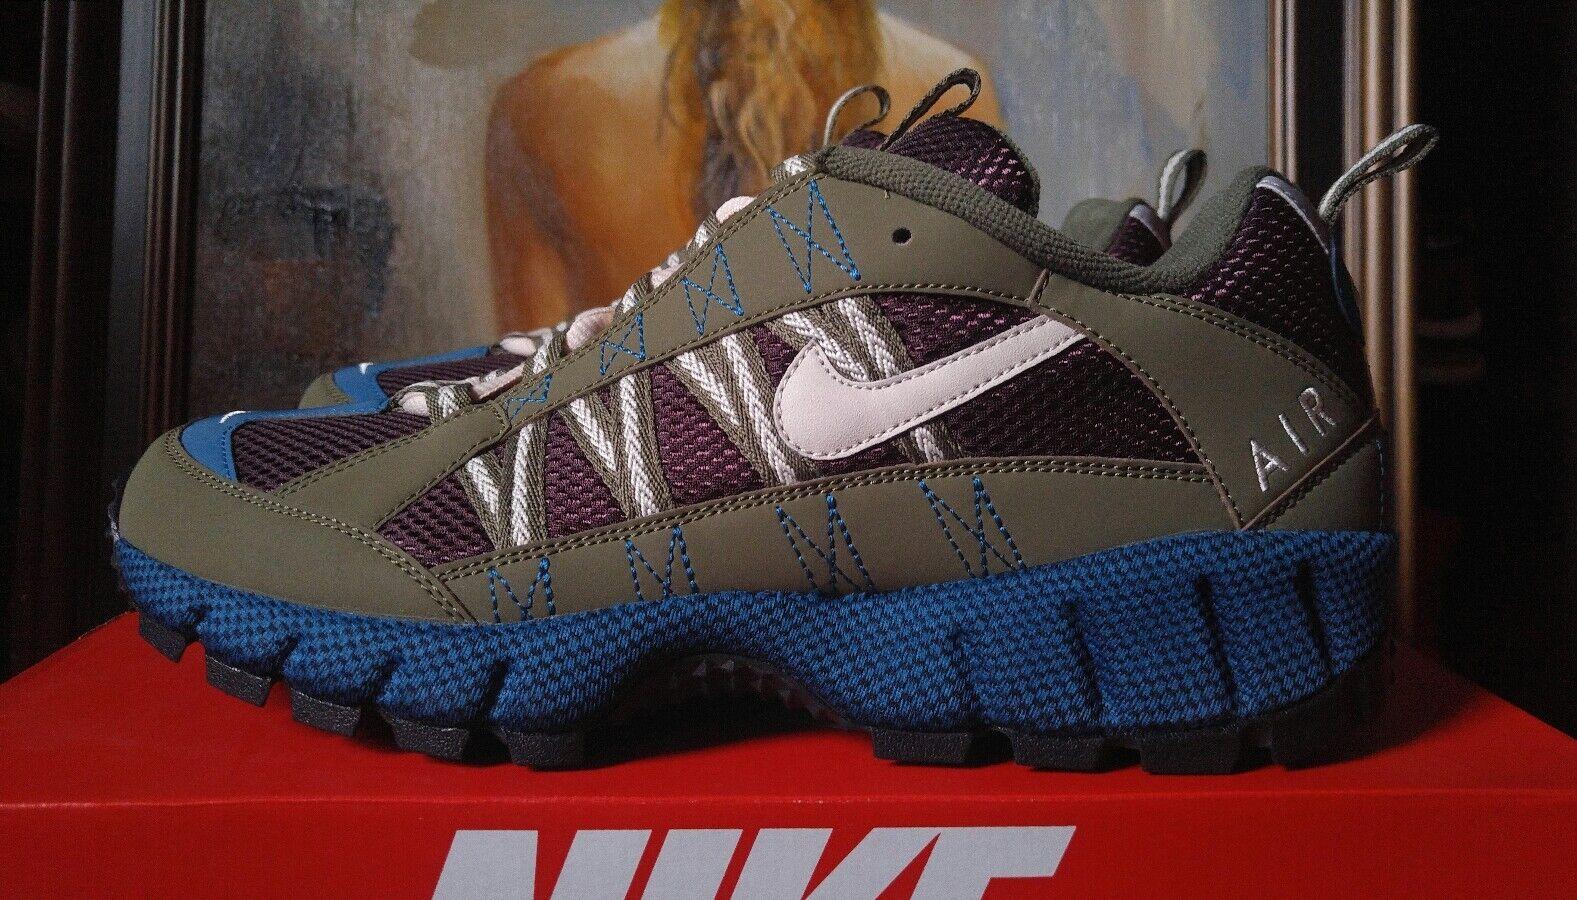 Nike Air Humara '17 Size 8 8.5 9.5 10 11.5 Olive Desert Sand AJ1102 200